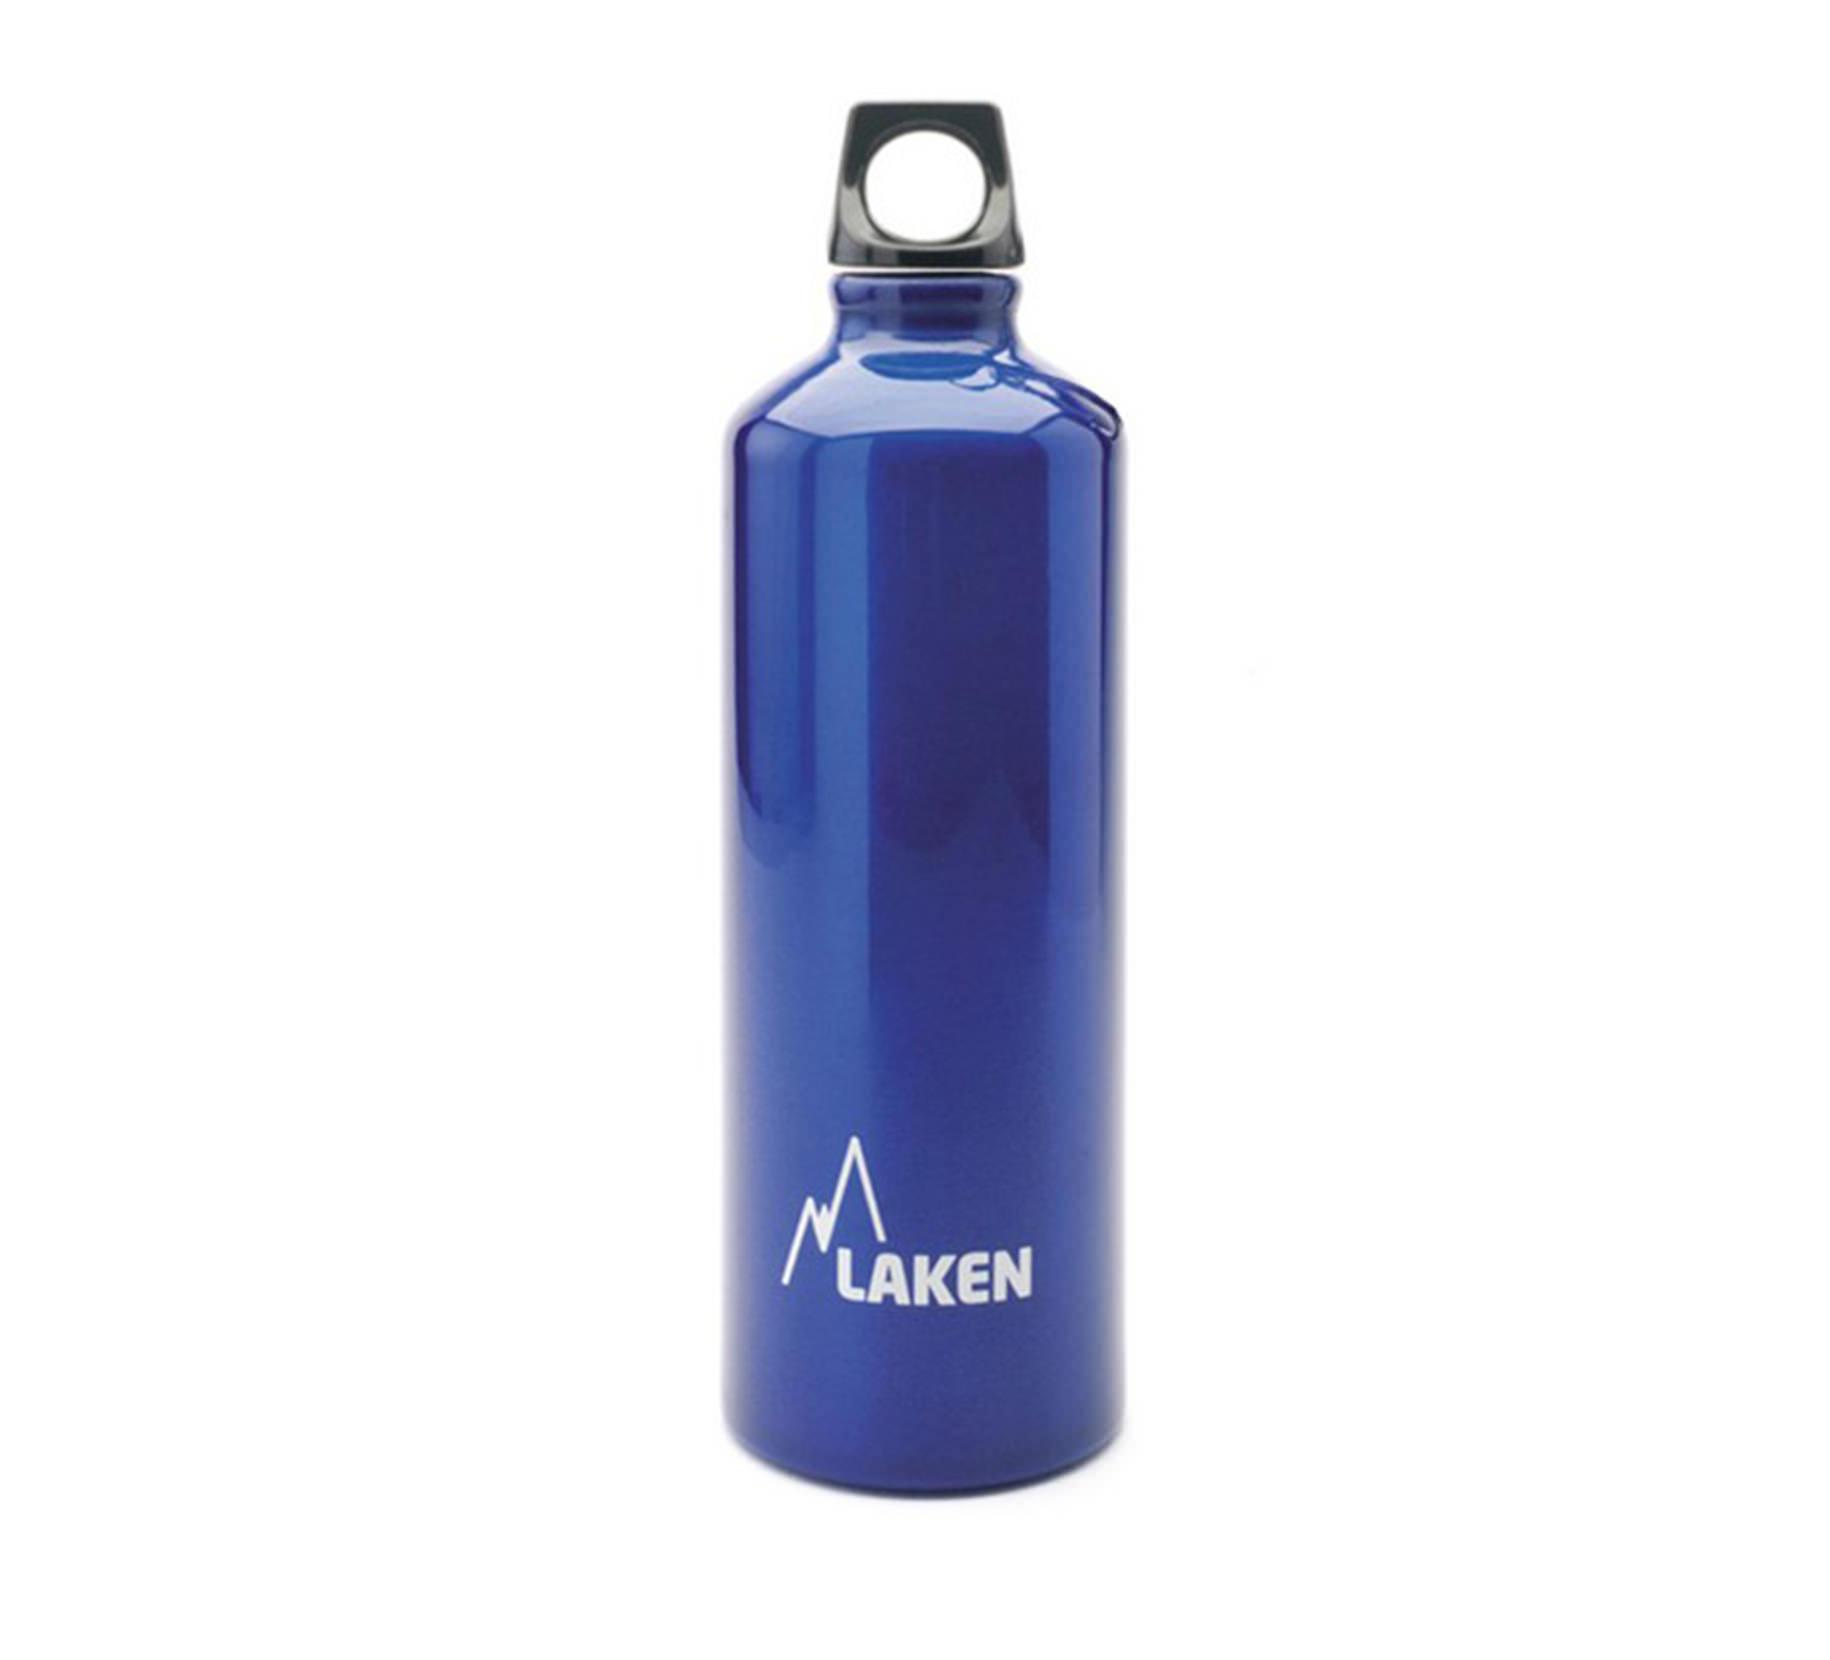 Bình nước LAKEN Aluminium Futura 750ml - Xanh lilac